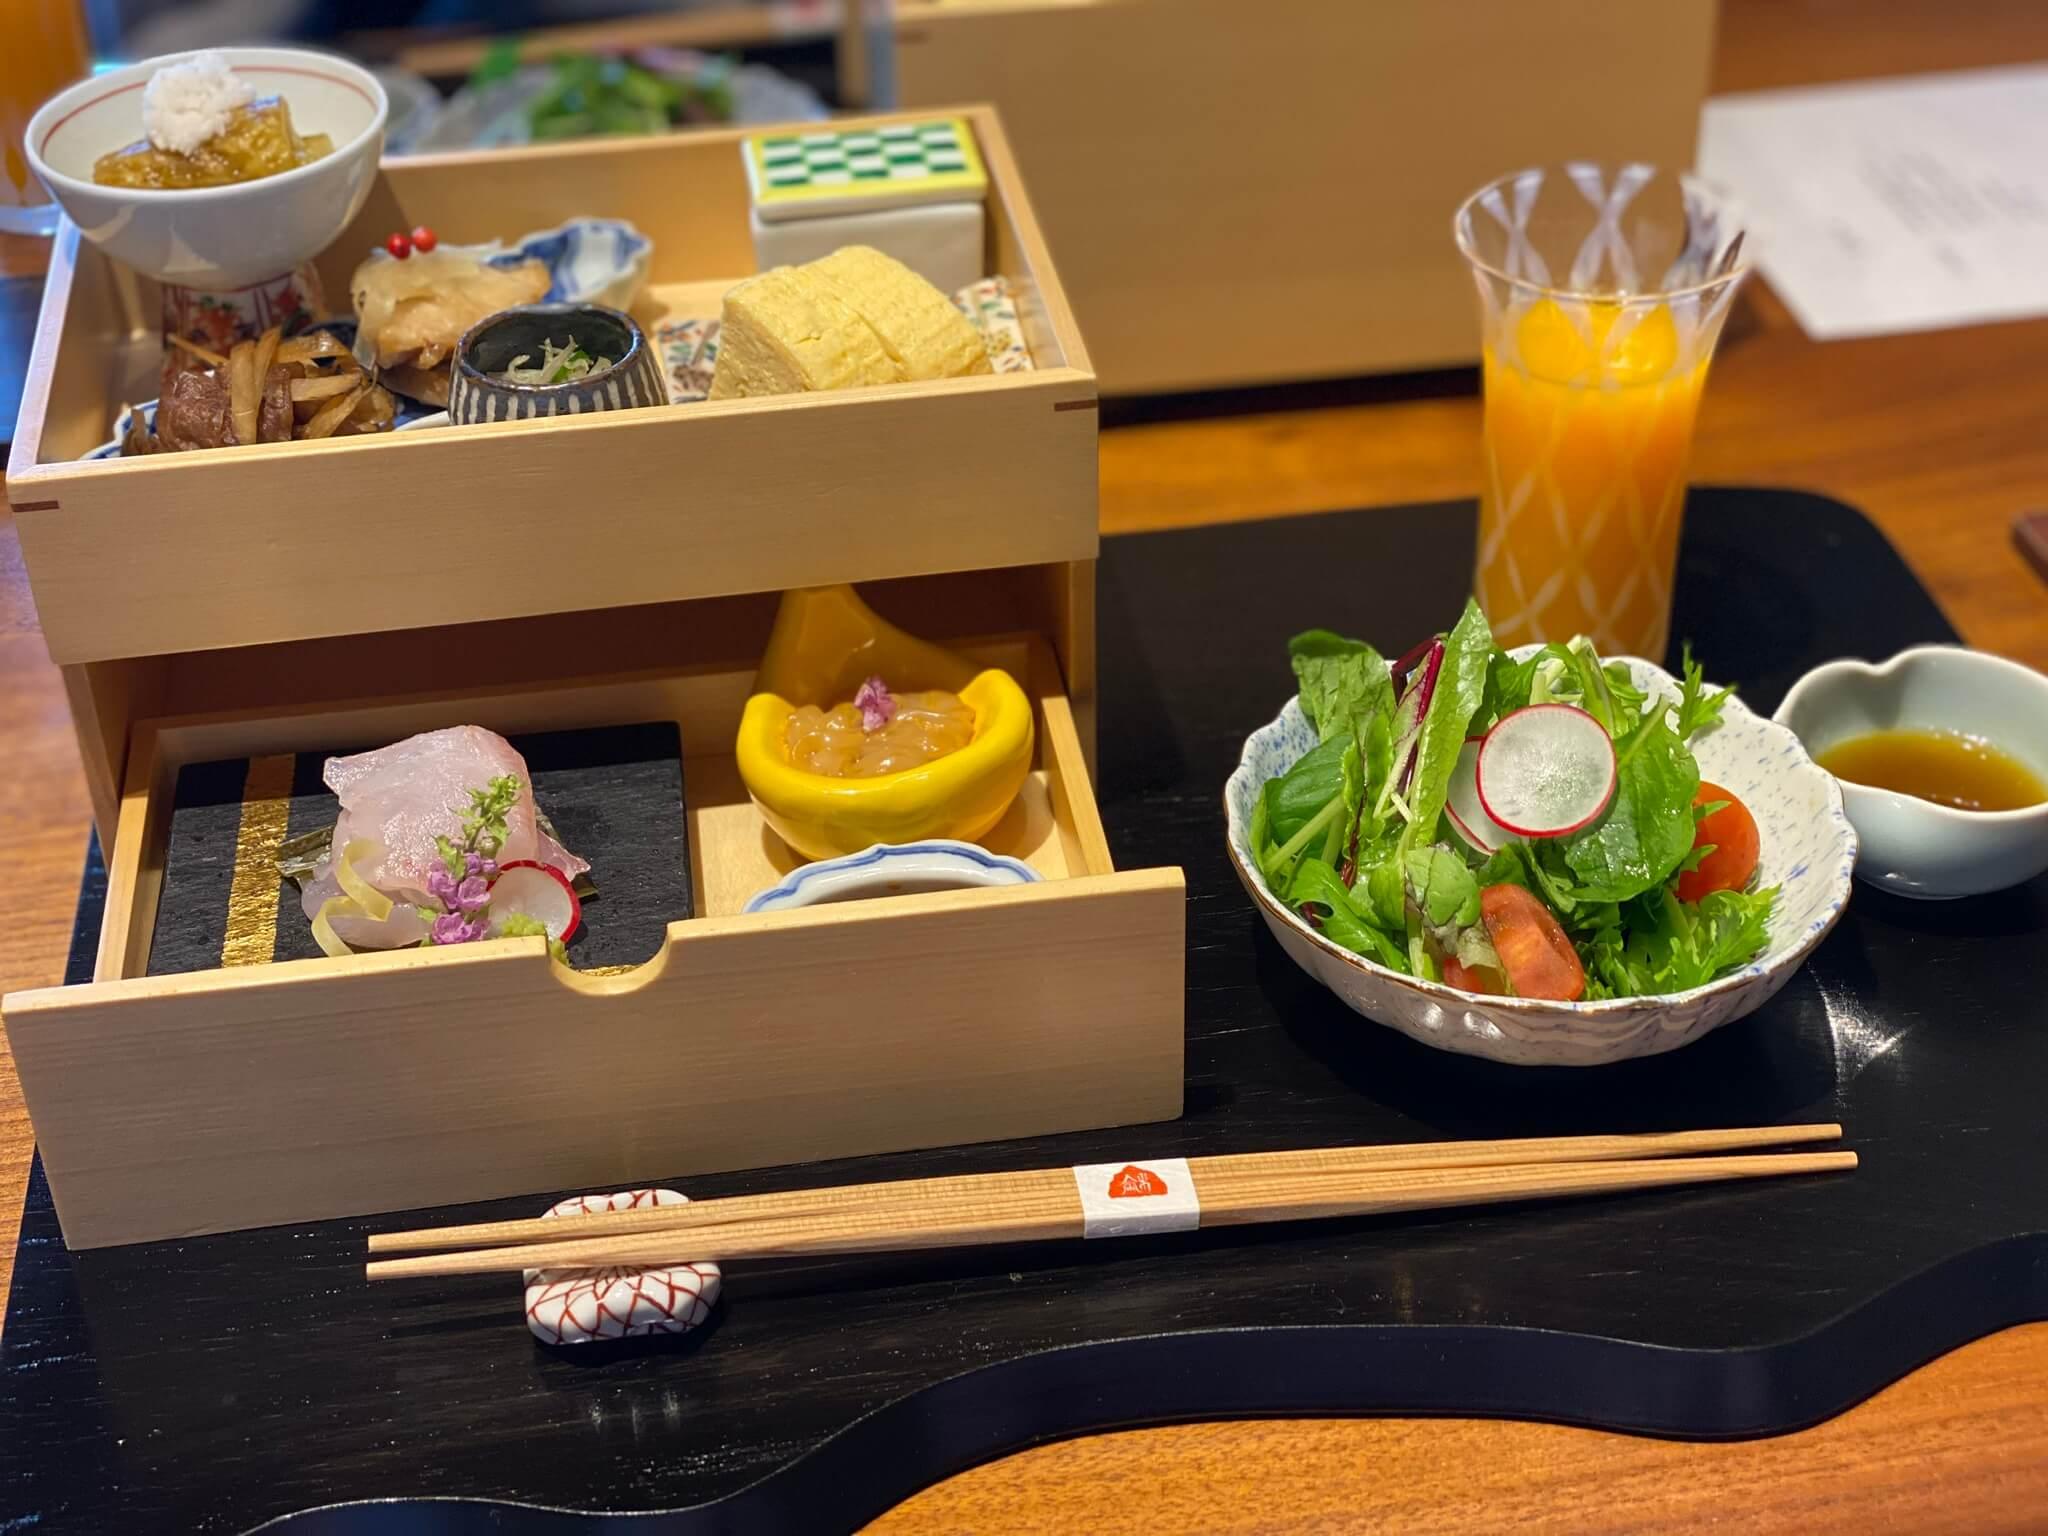 熱海の高級旅館:熱海さんがの料理(慶太ブログ)